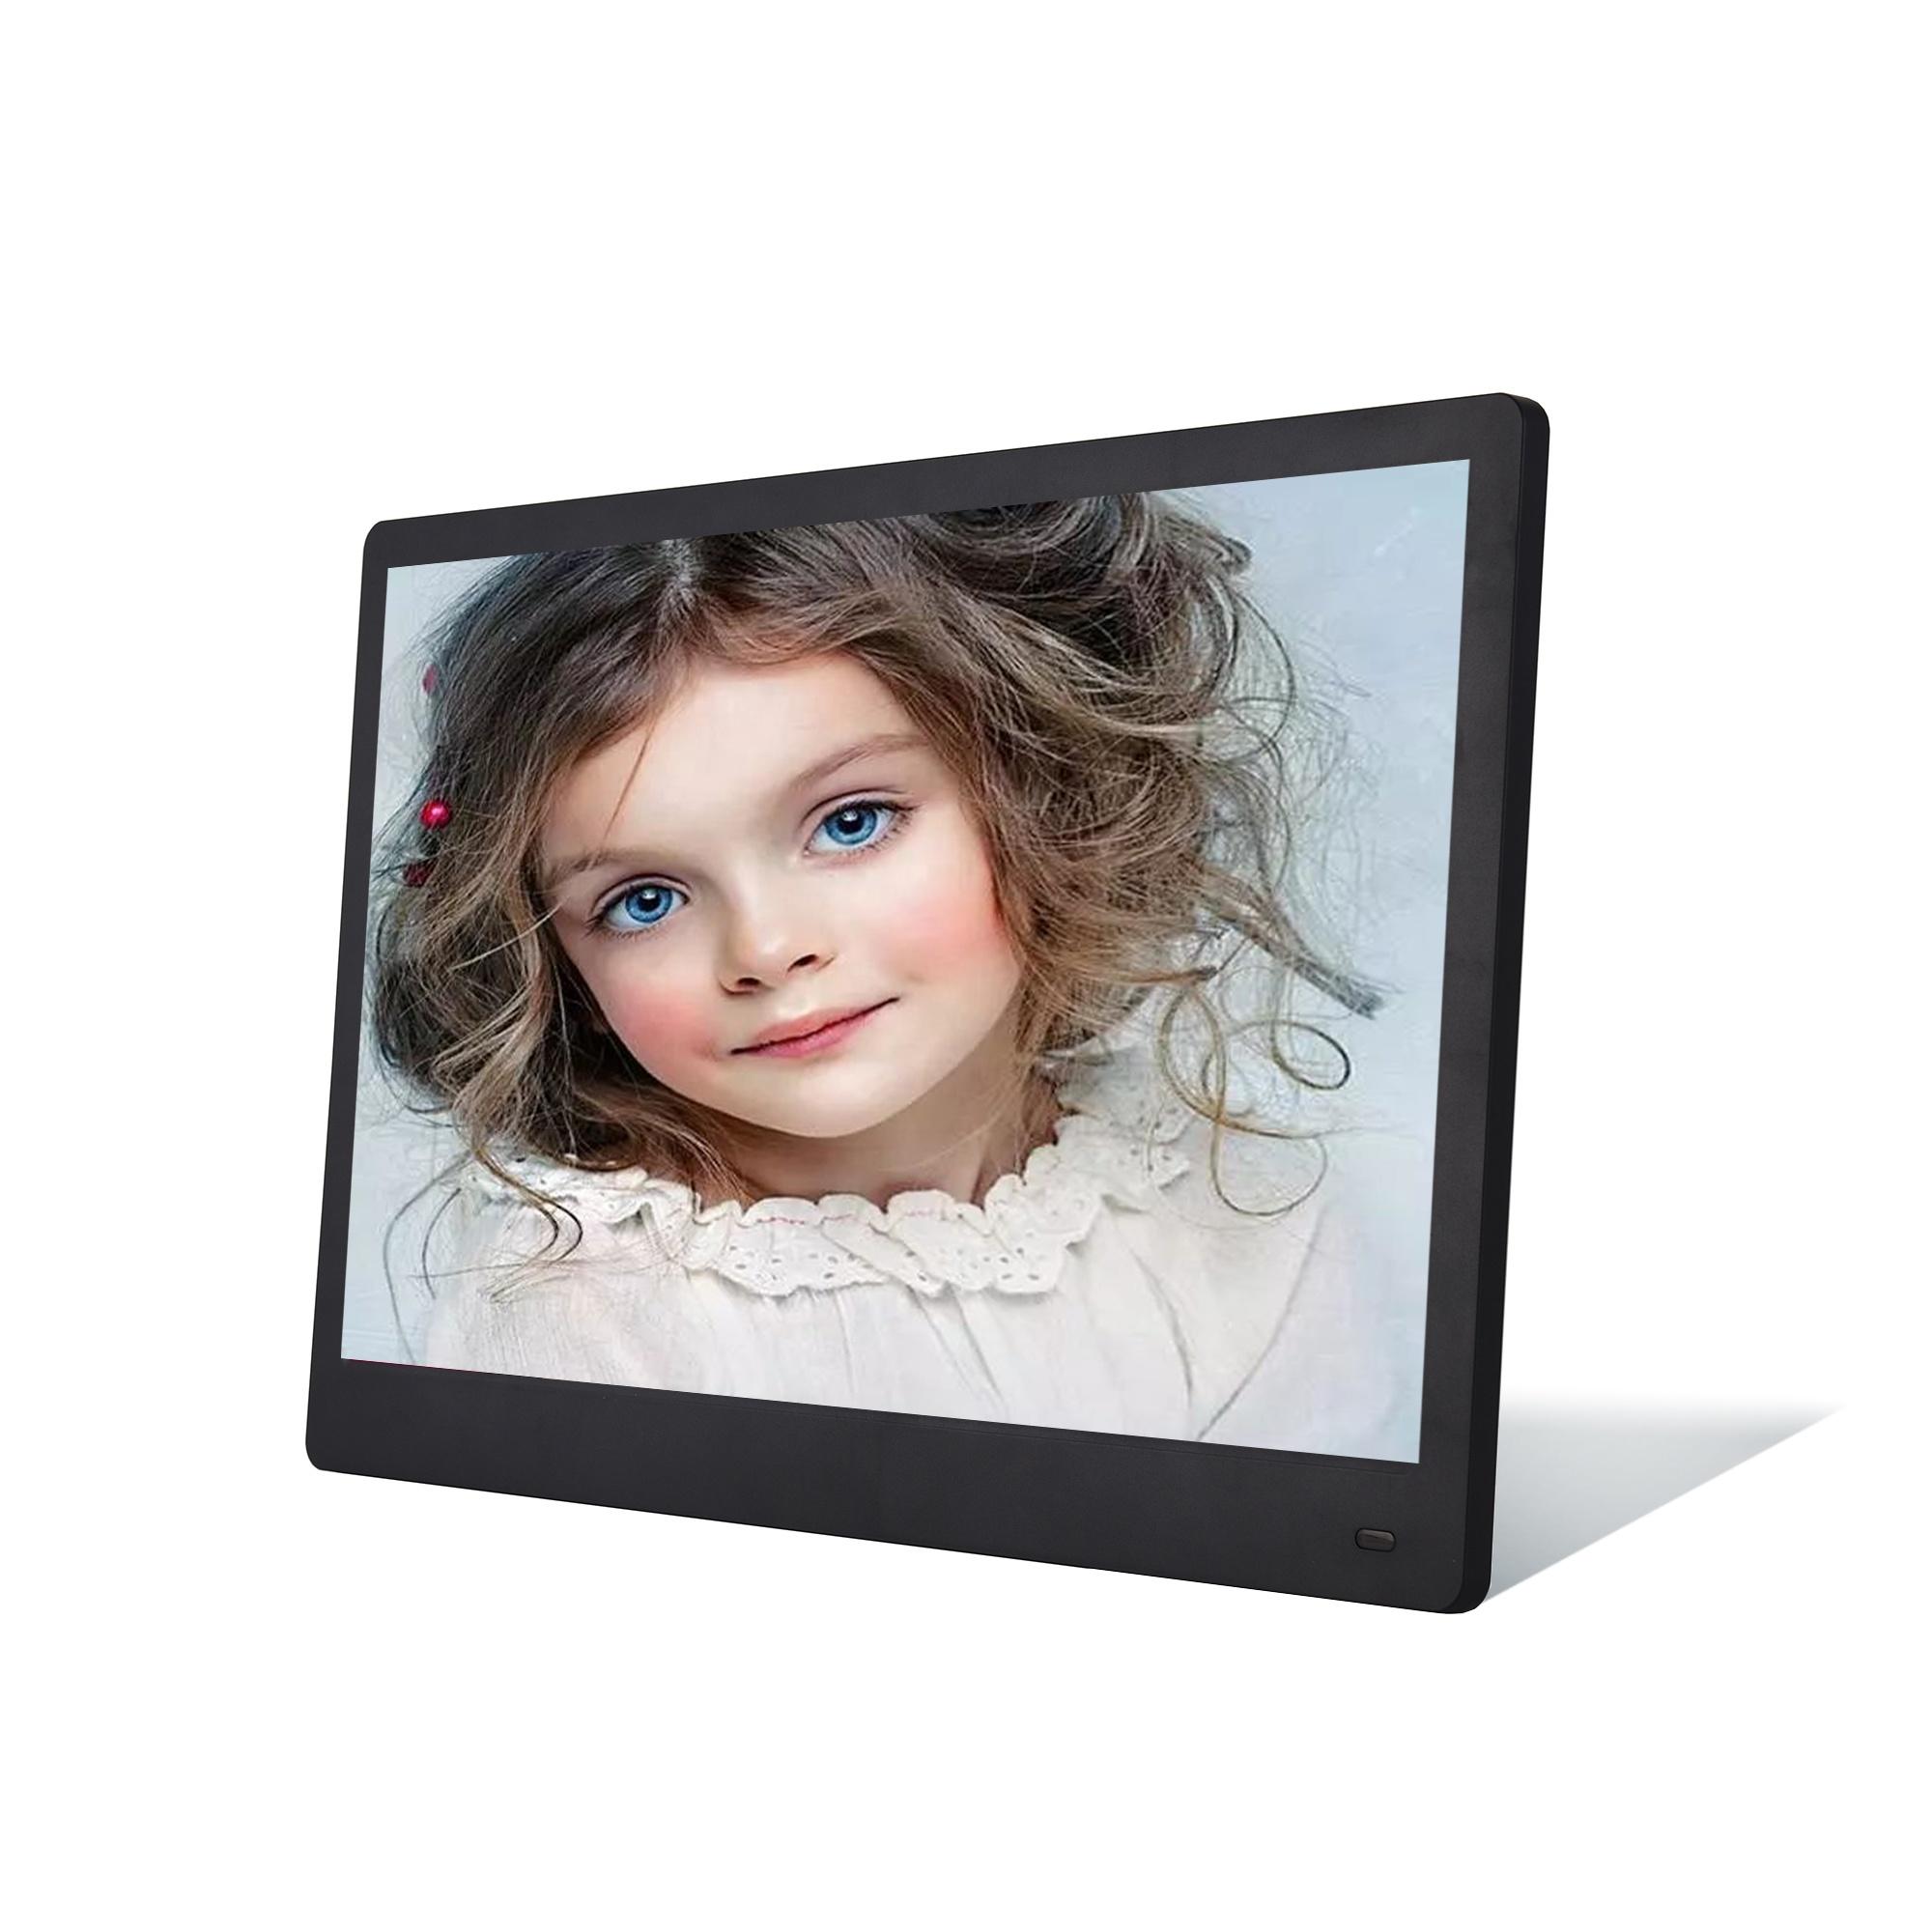 סופר דק 1920x1080 IPS 15 אינץ lcd תמונה דיגיטלית תמונה מסגרת עם וידאו לולאה